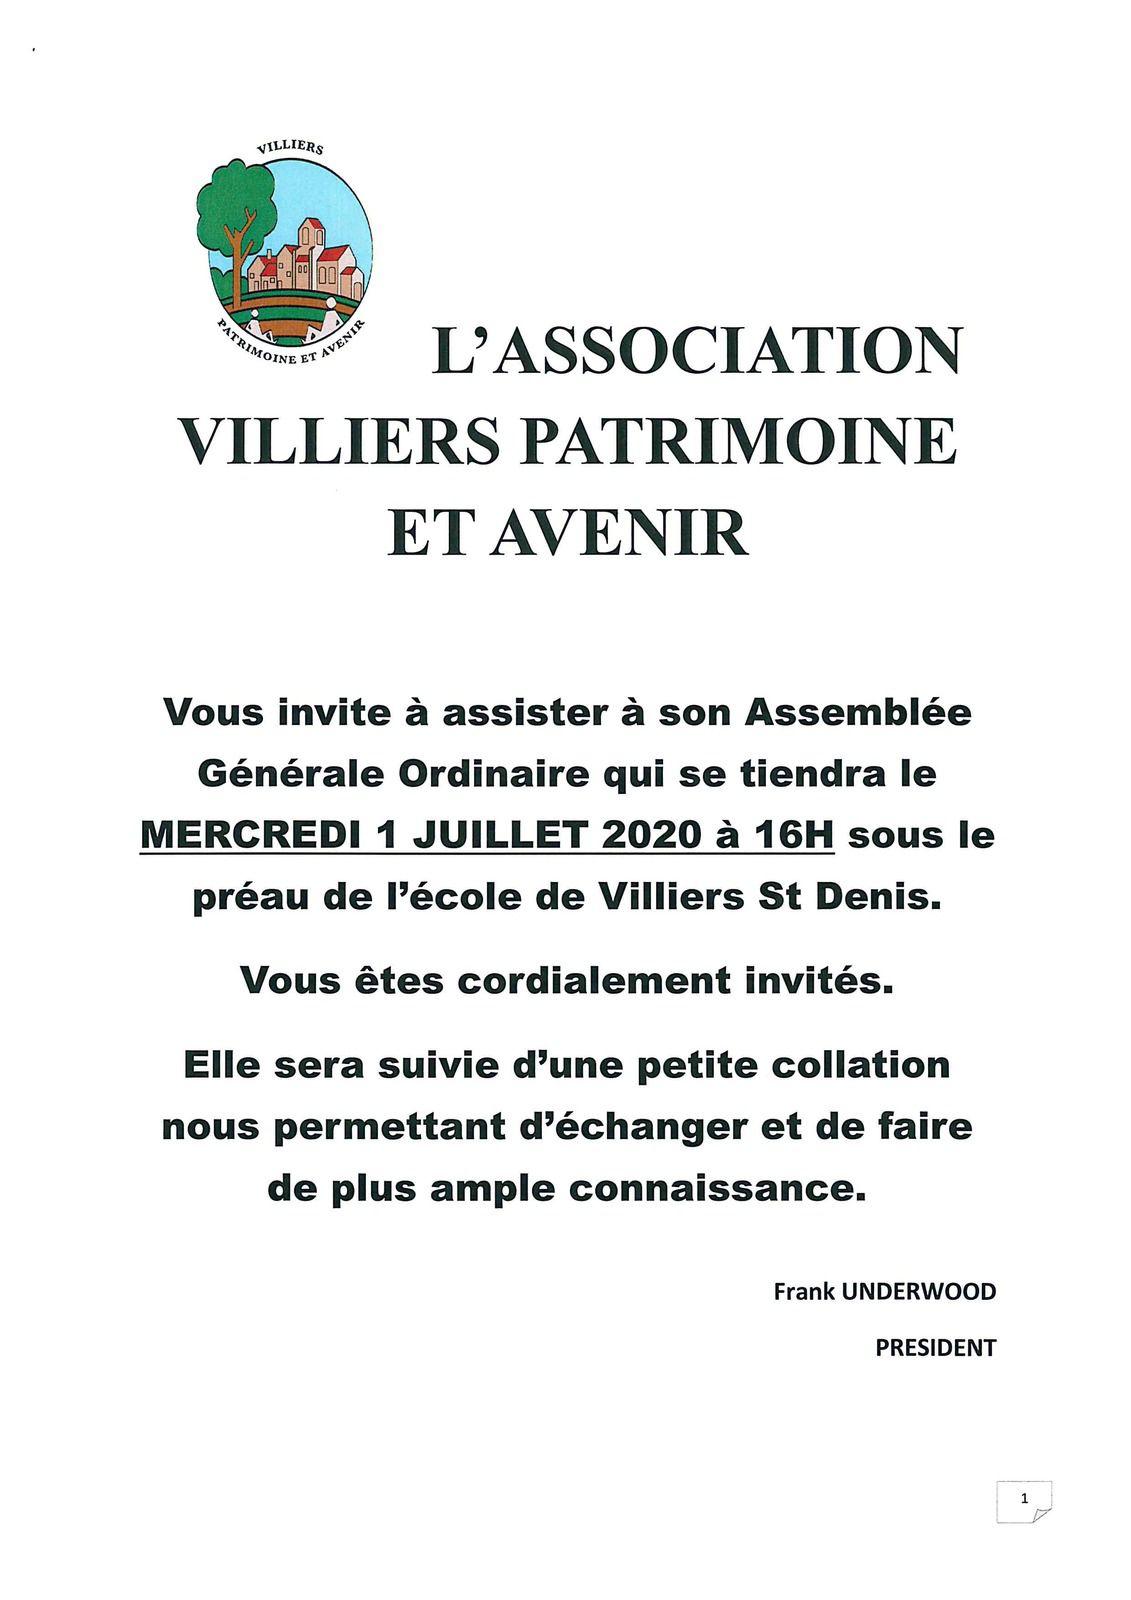 AG Association VILLIERS PATRIMOINE ET AVENIR